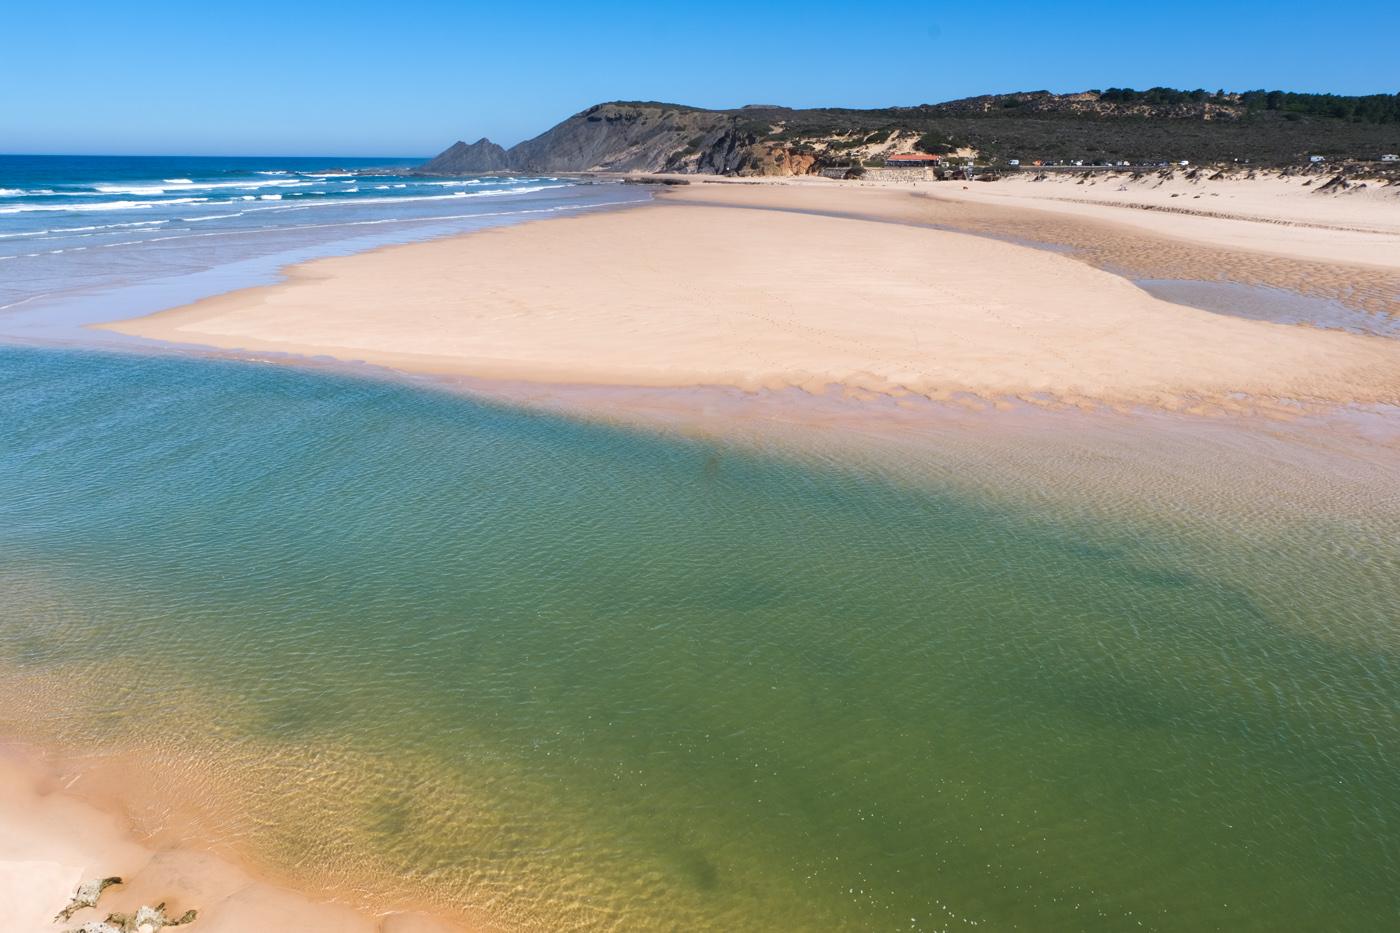 Rota Vicentina cammino a piedi Portogallo sentiero dei pescatori spiaggia e fiume